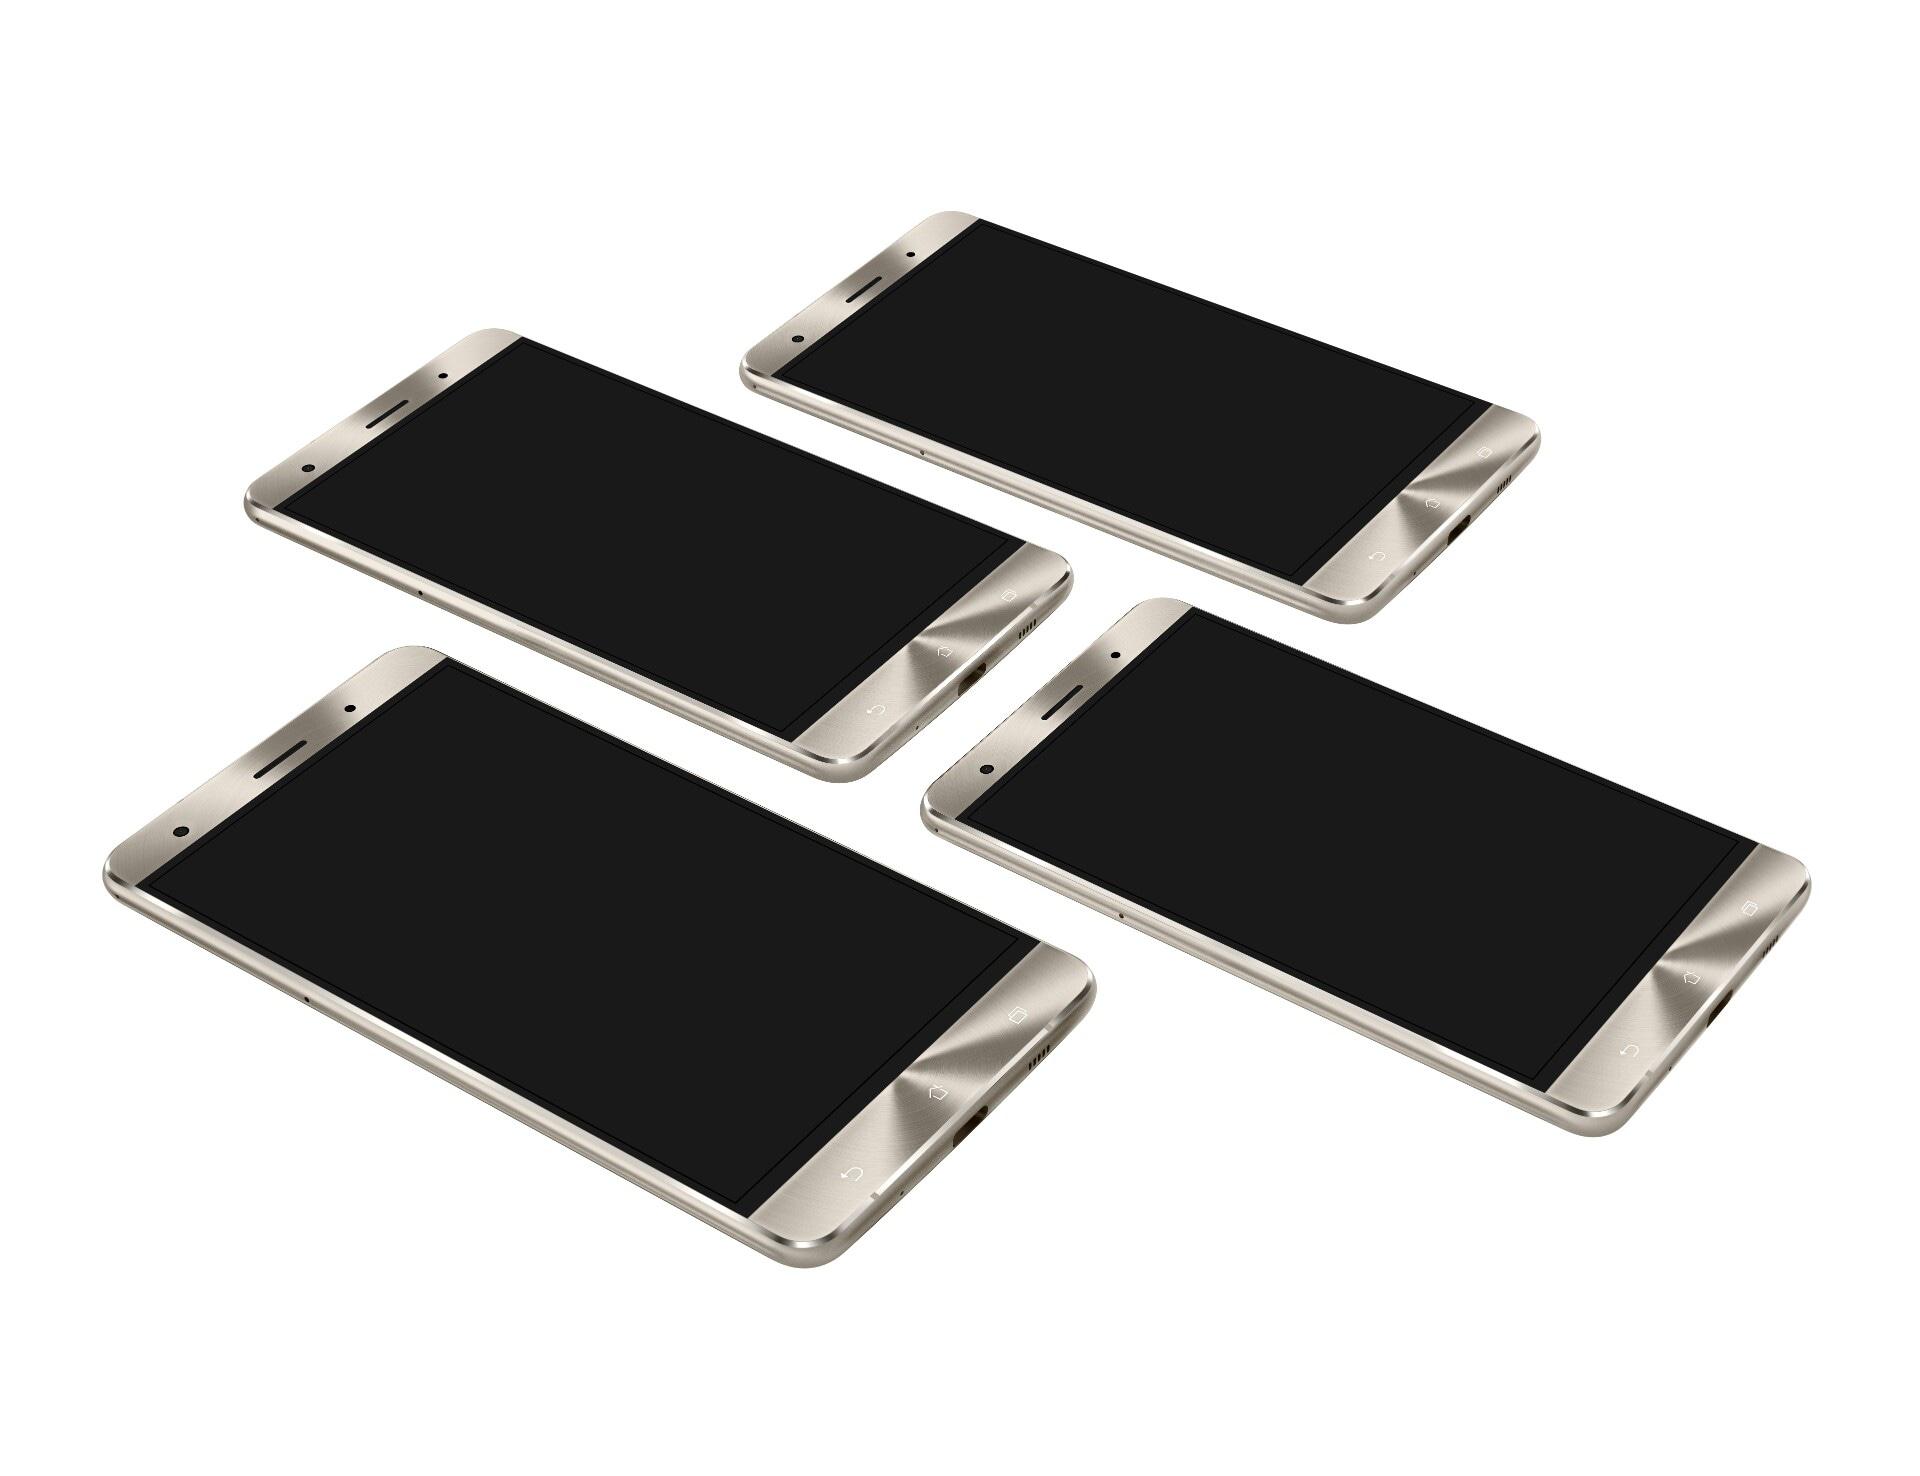 ASUS ZenFone 3 Deluxe – 1